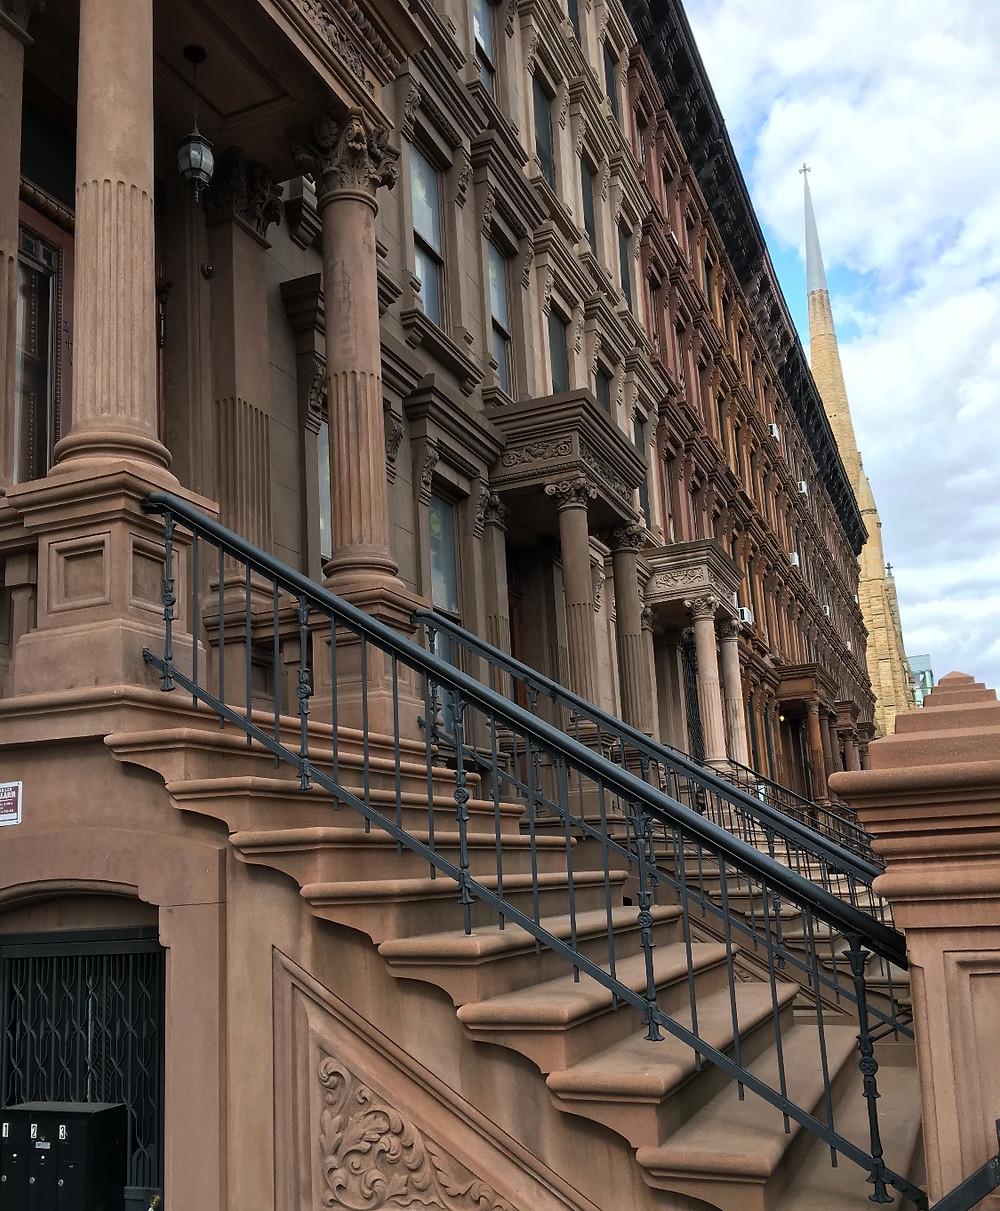 Harlem brownstones on Lenox Avenue